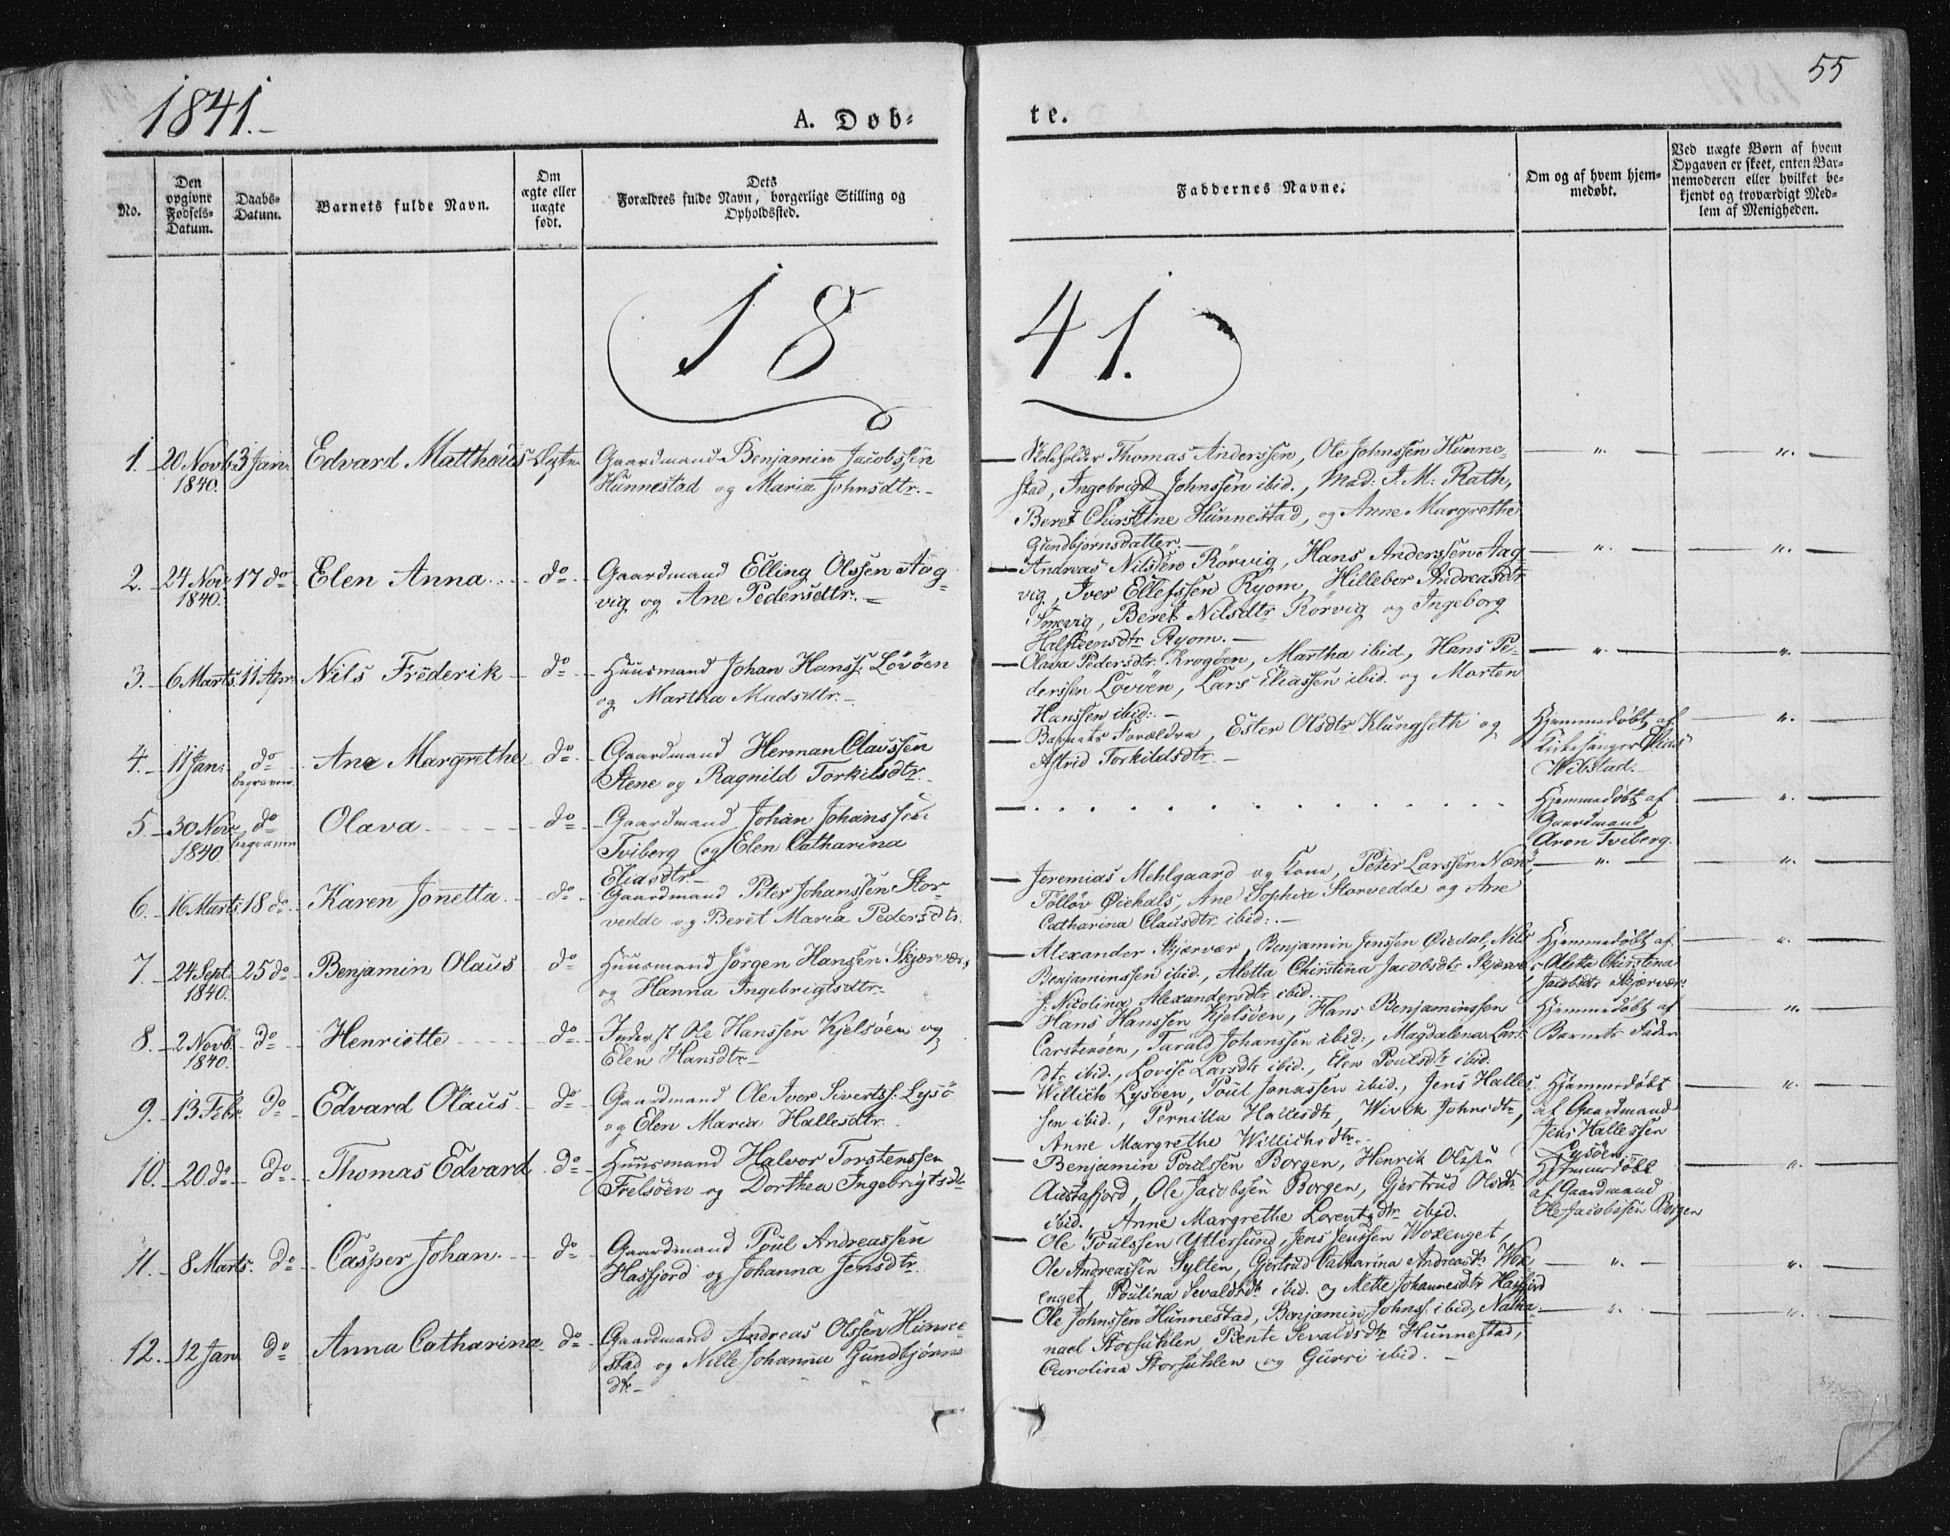 SAT, Ministerialprotokoller, klokkerbøker og fødselsregistre - Nord-Trøndelag, 784/L0669: Ministerialbok nr. 784A04, 1829-1859, s. 55